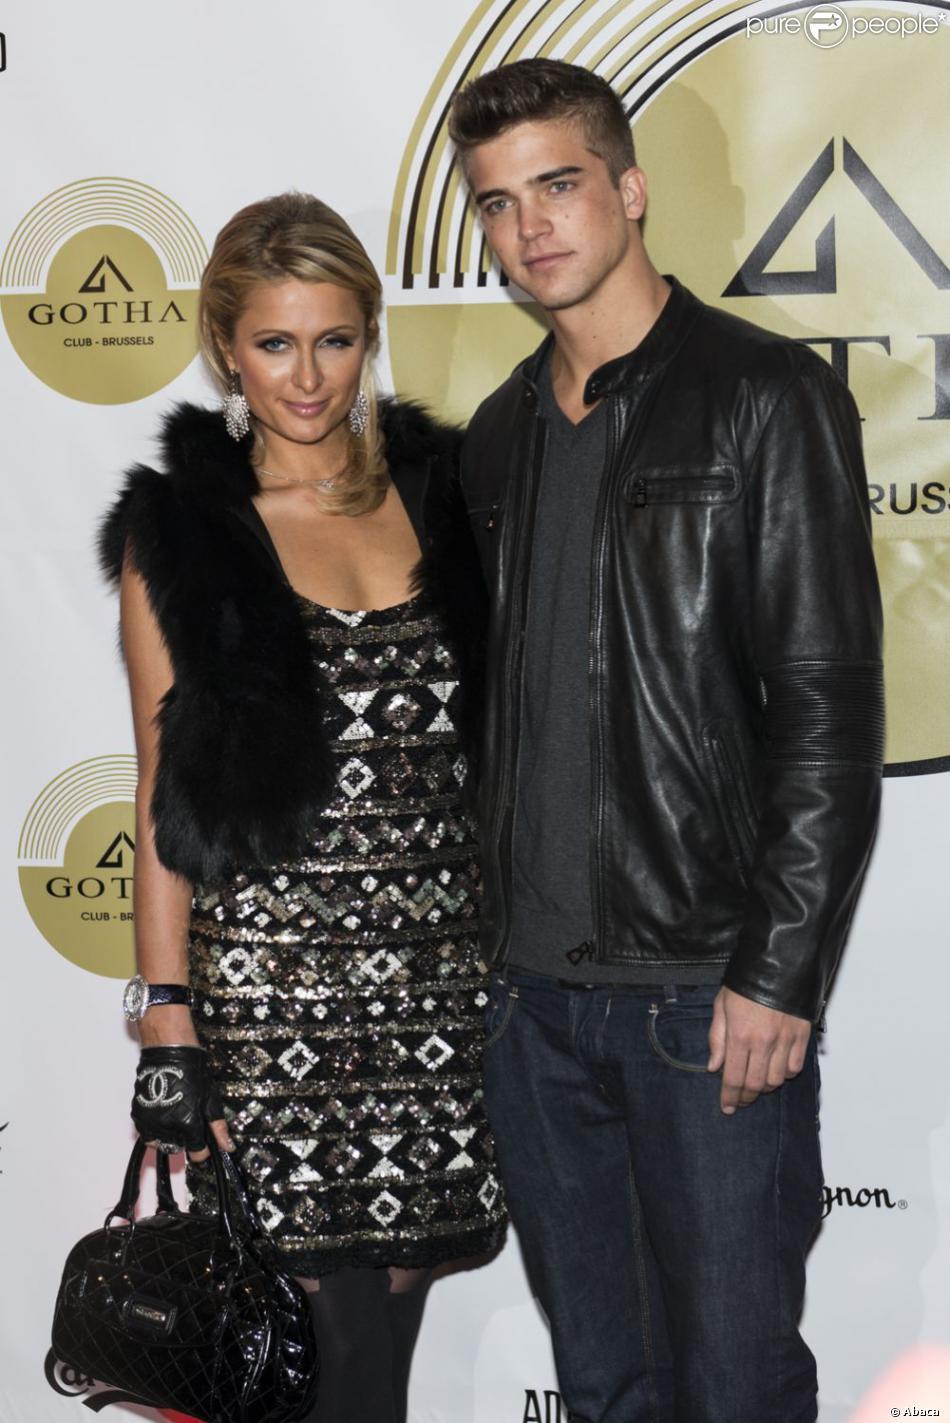 Paris Hilton et River Viiperi en soirée au Gotha Club à Bruxelles. Le 1er février 2013.